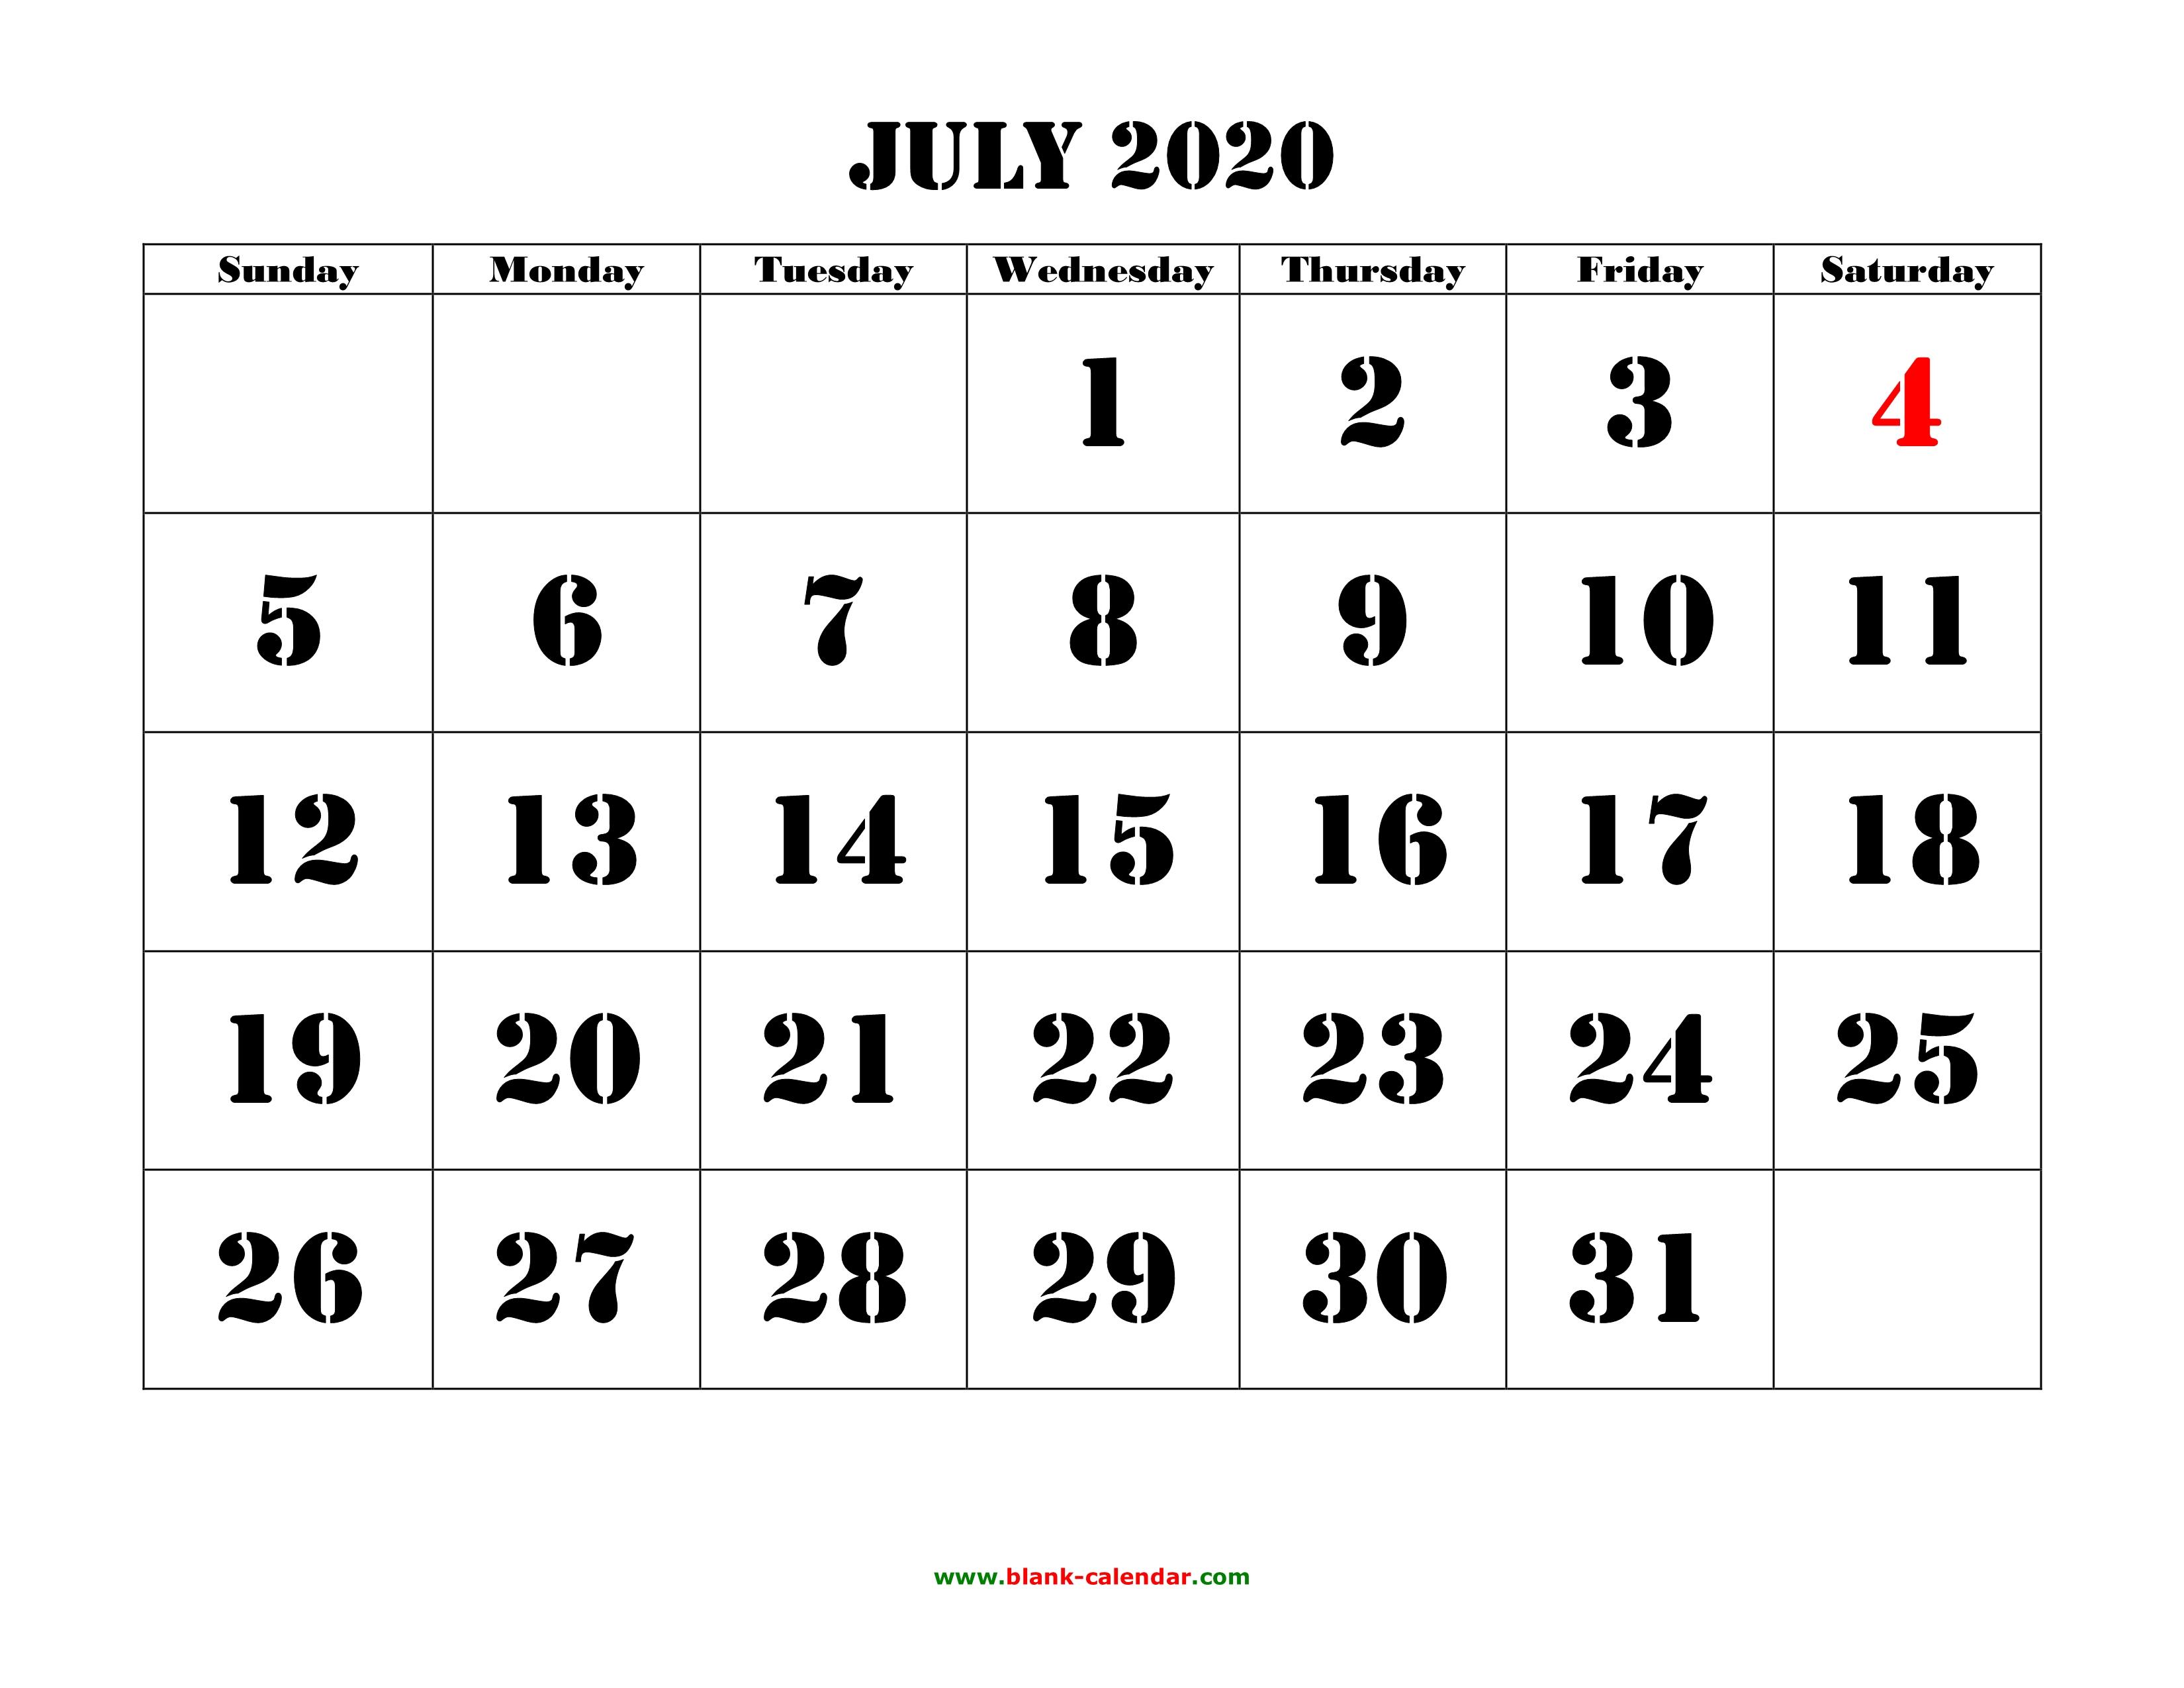 Free Download Printable July 2020 Calendar, Large Font Design